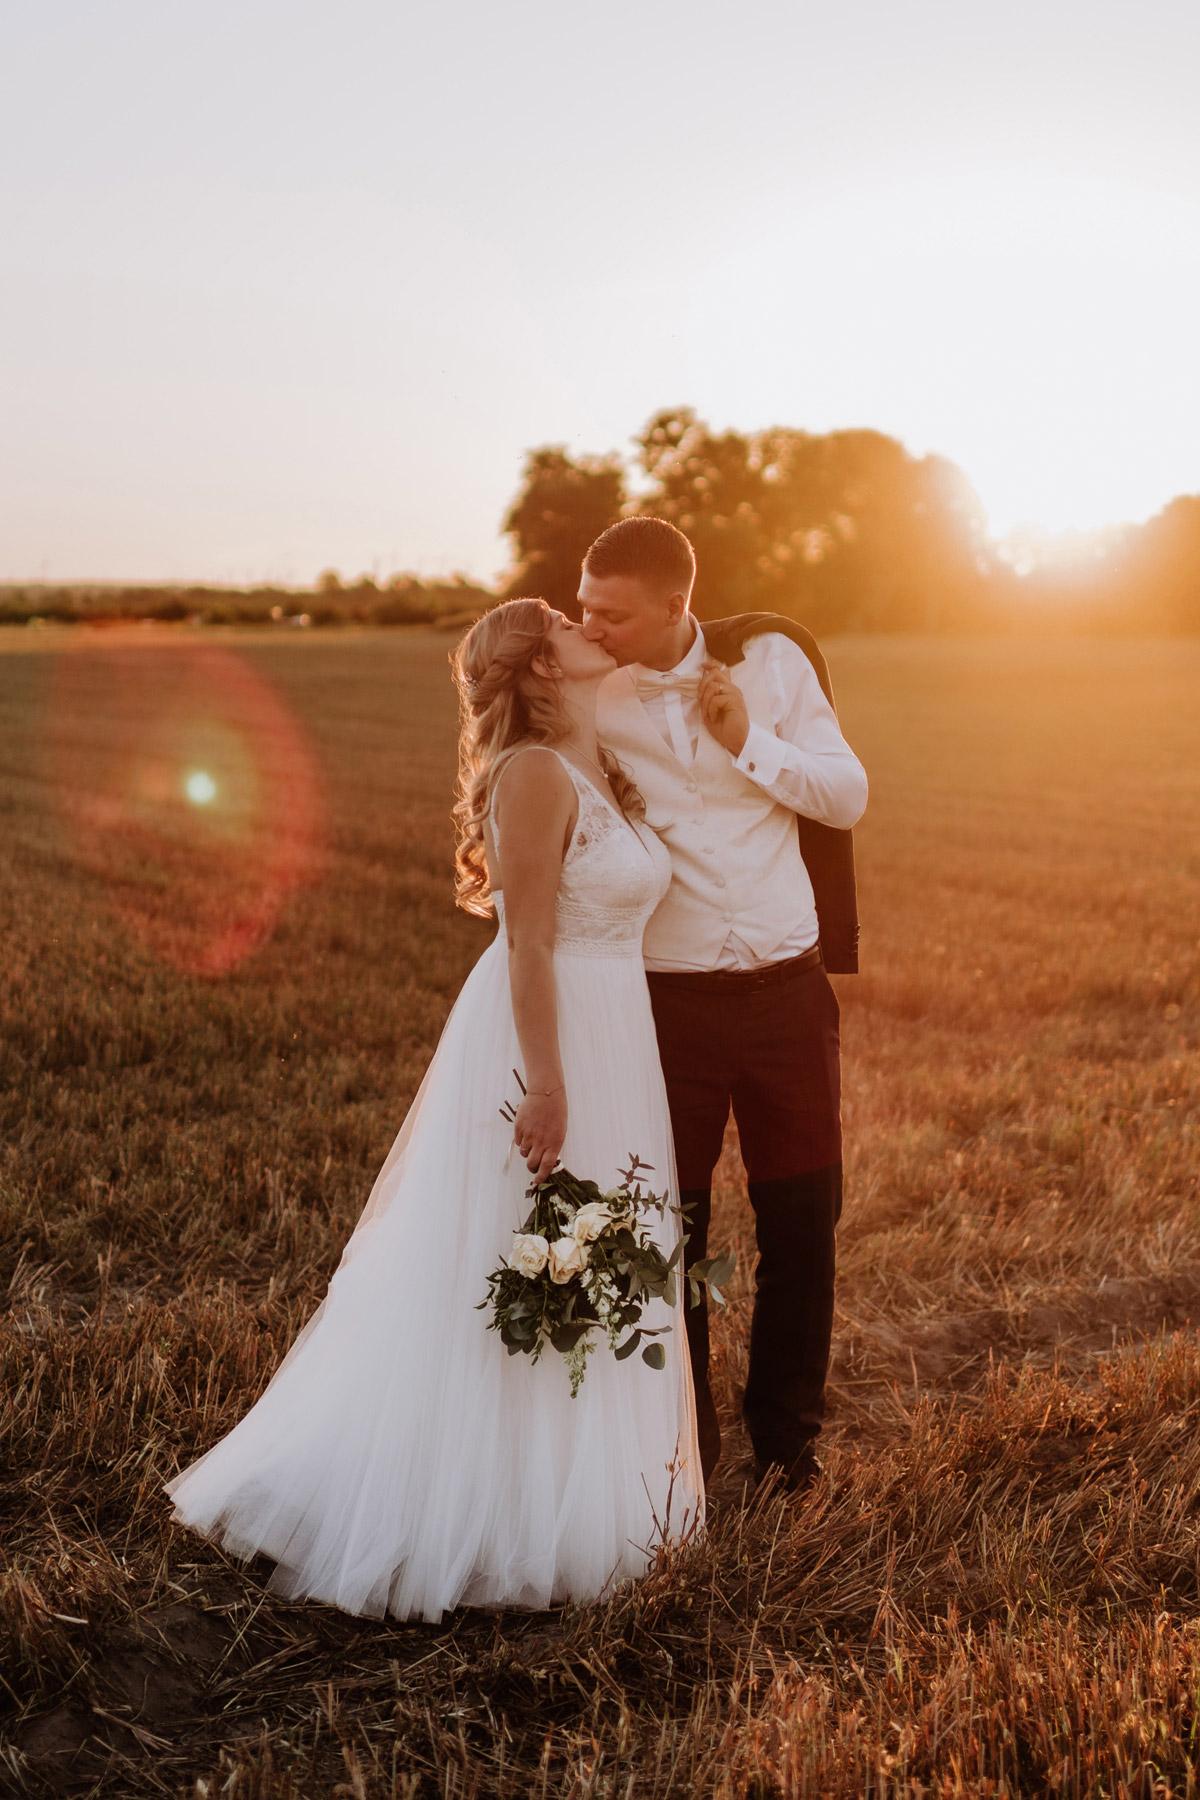 natürliche Hochzeitsfotos im Sonnenuntergang nach Standesamt auf Schloss Kartzow Hochzeit unter freiem Himmel #Hochzeitsfotografie aus Berlin © www.hochzeitslicht.de #hochzeitslicht